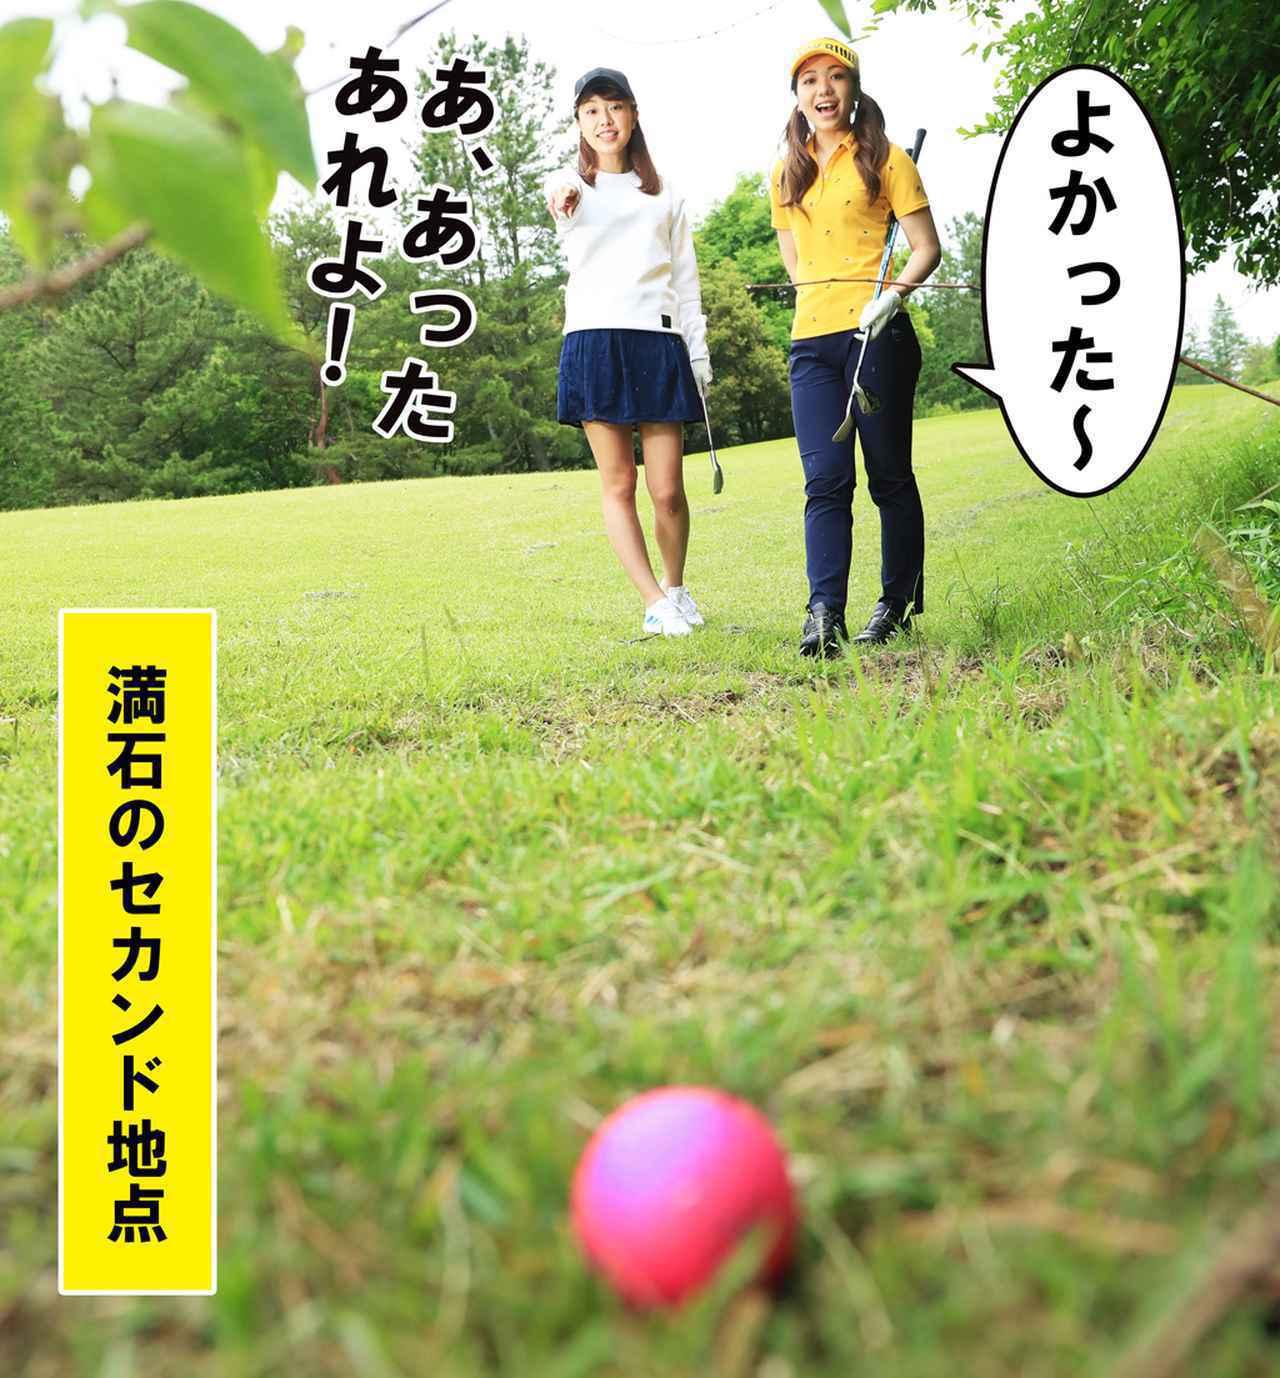 画像: 【新ルール】スタンスで枝が邪魔だったので、踏んでアドレス。罰あり? なし? - ゴルフへ行こうWEB by ゴルフダイジェスト